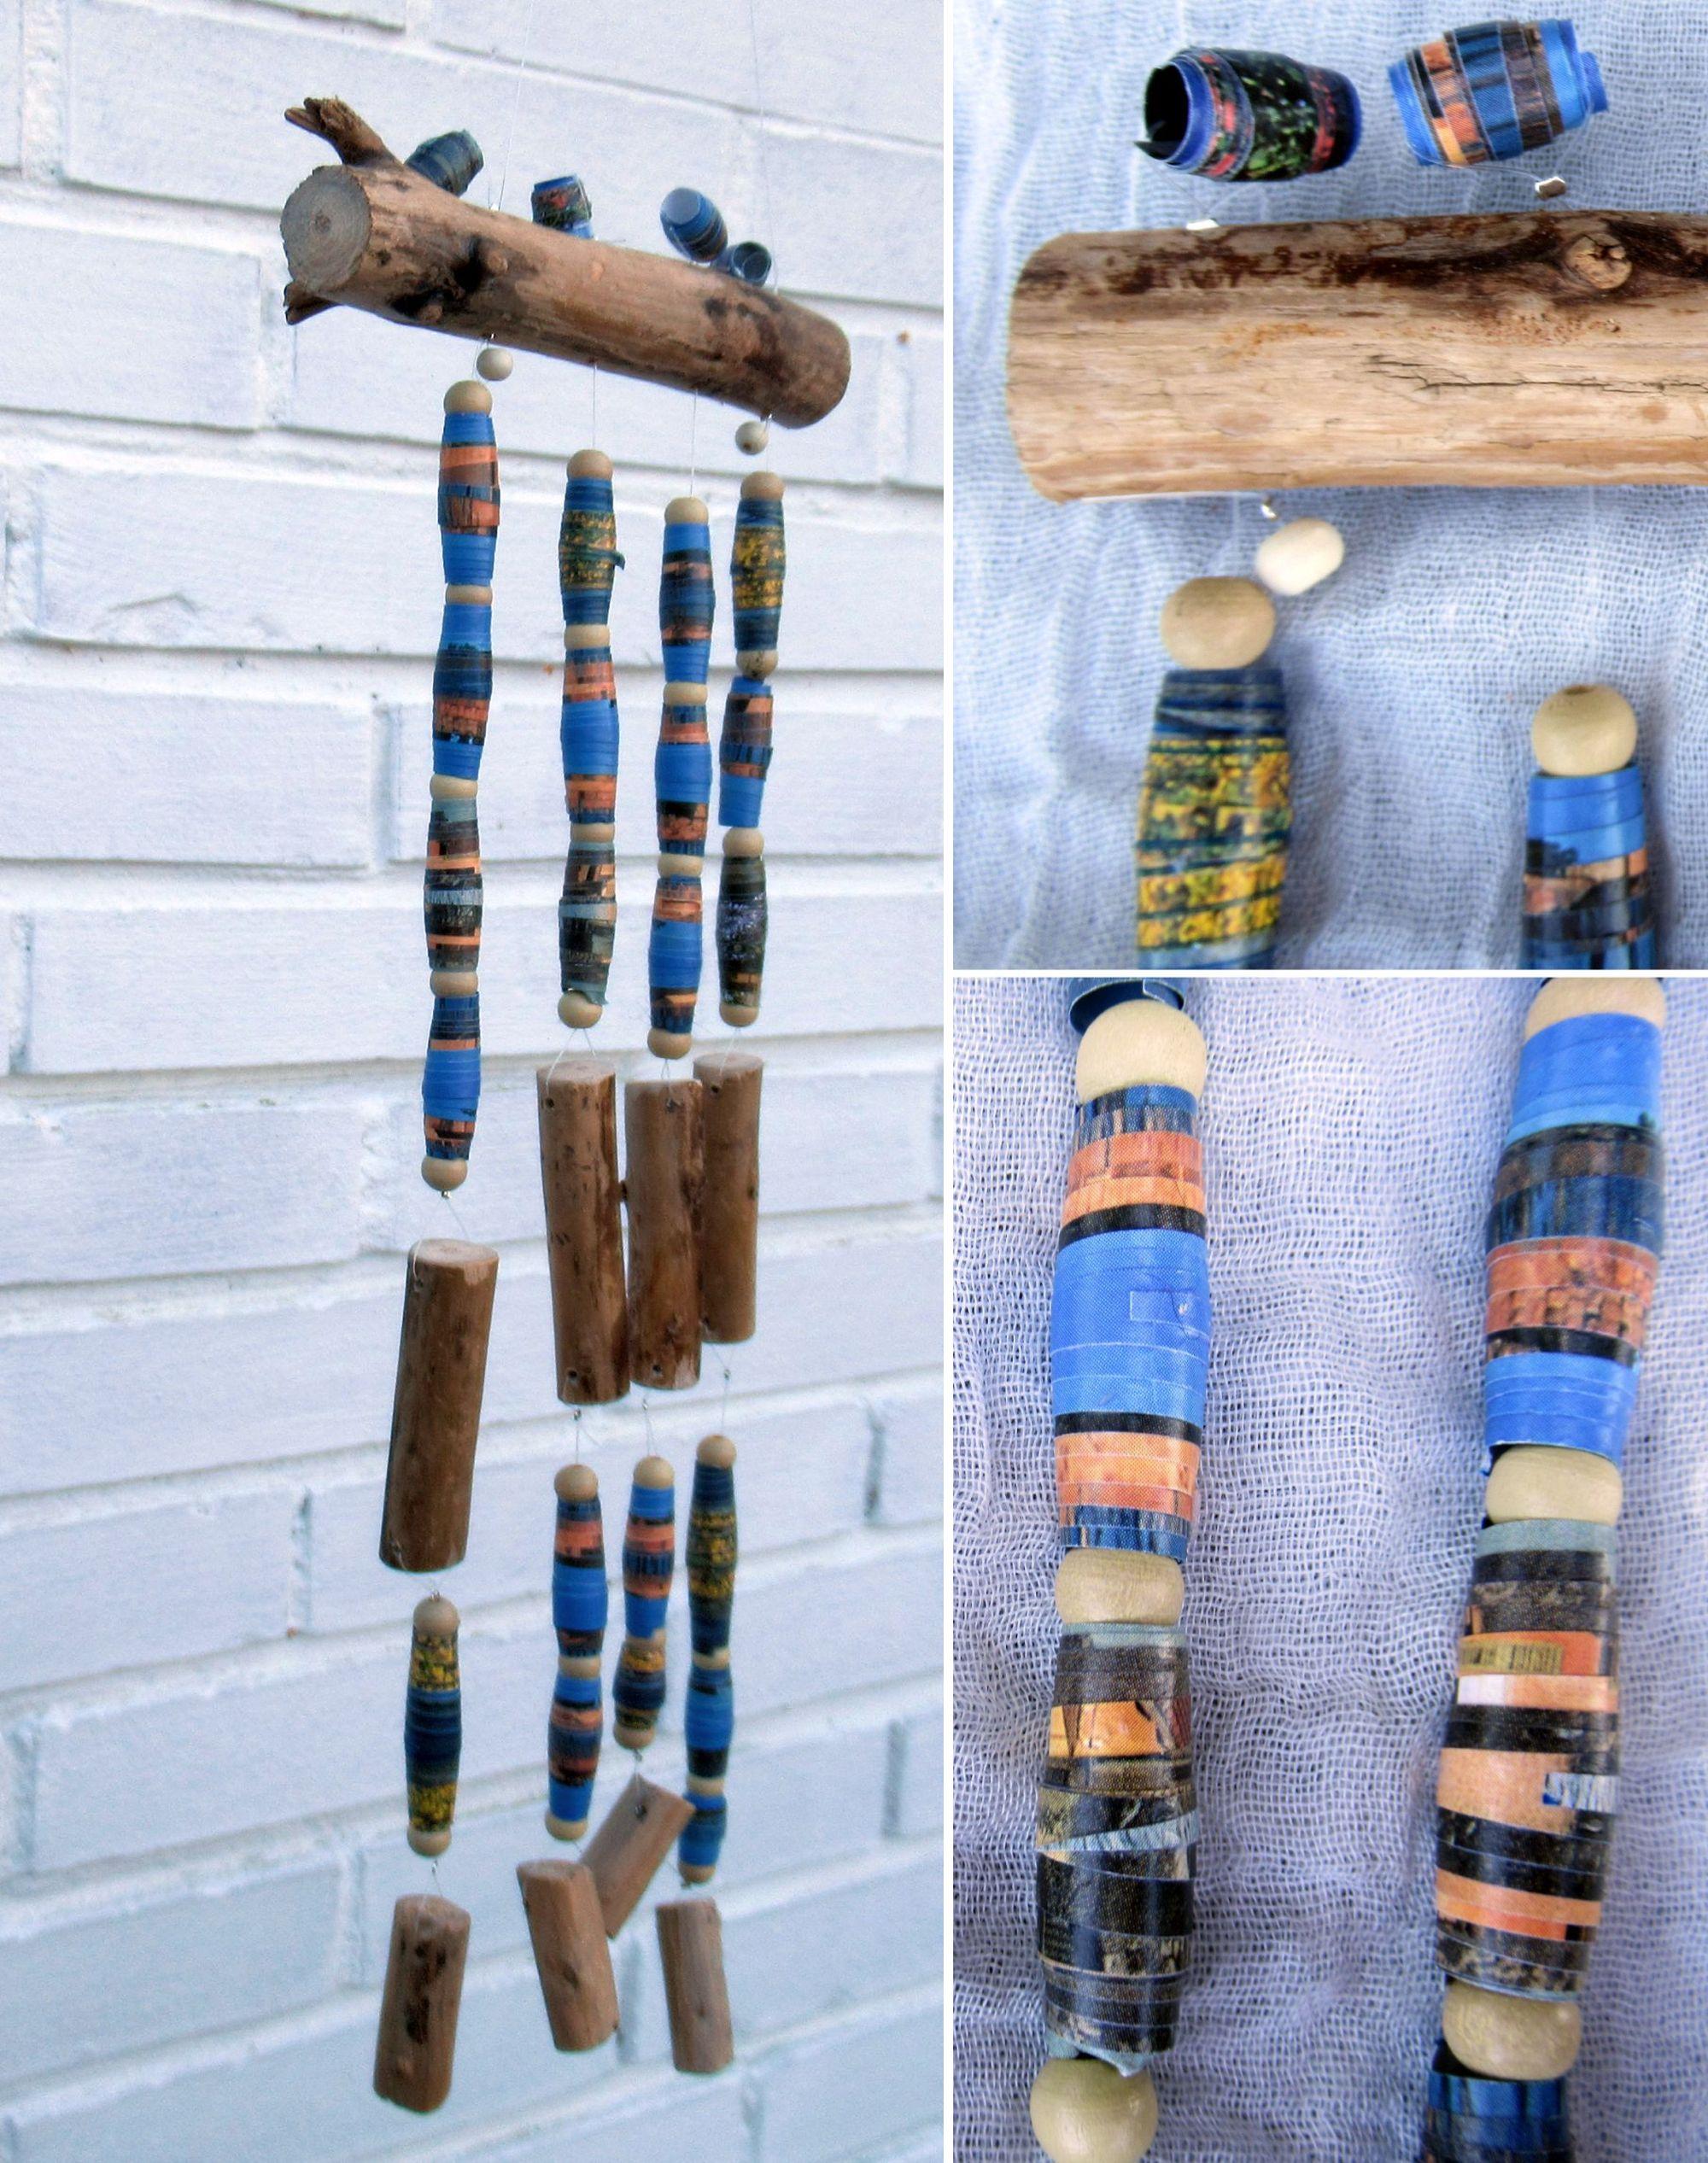 Diy Windspiele aus Treibholz und selbst gebastelten Perlen aus Papier